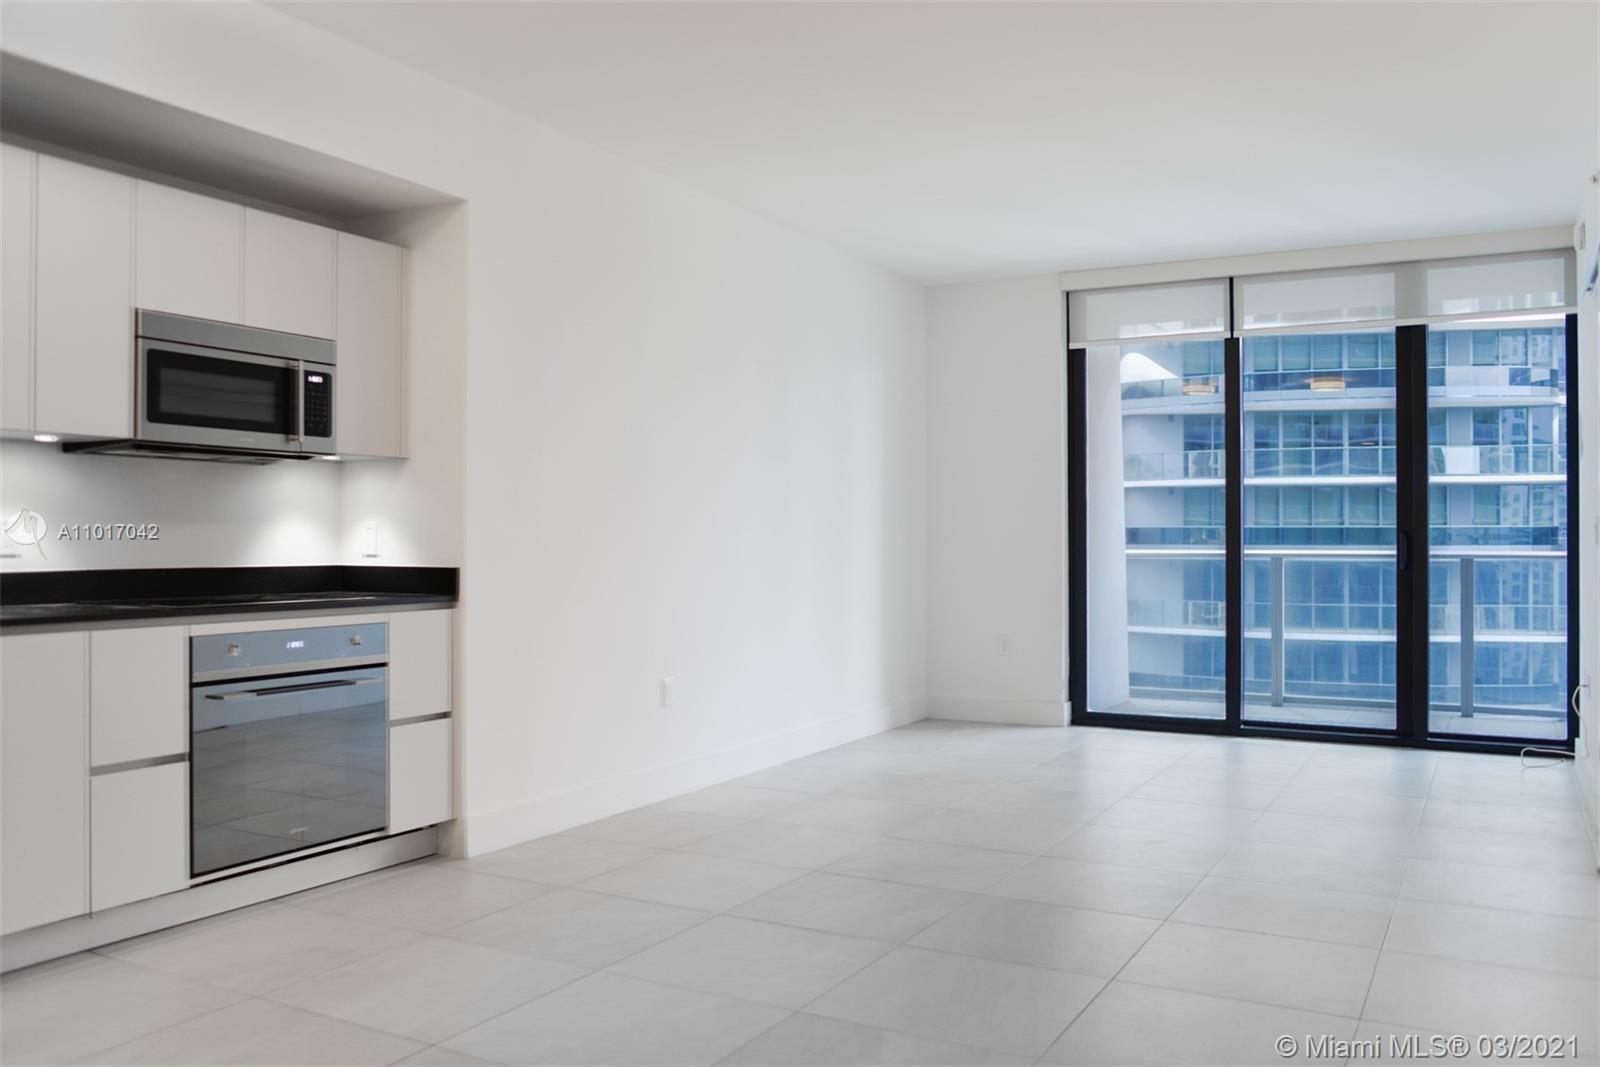 1010 Brickell #3008 - 1010 Brickell Av #3008, Miami, FL 33131